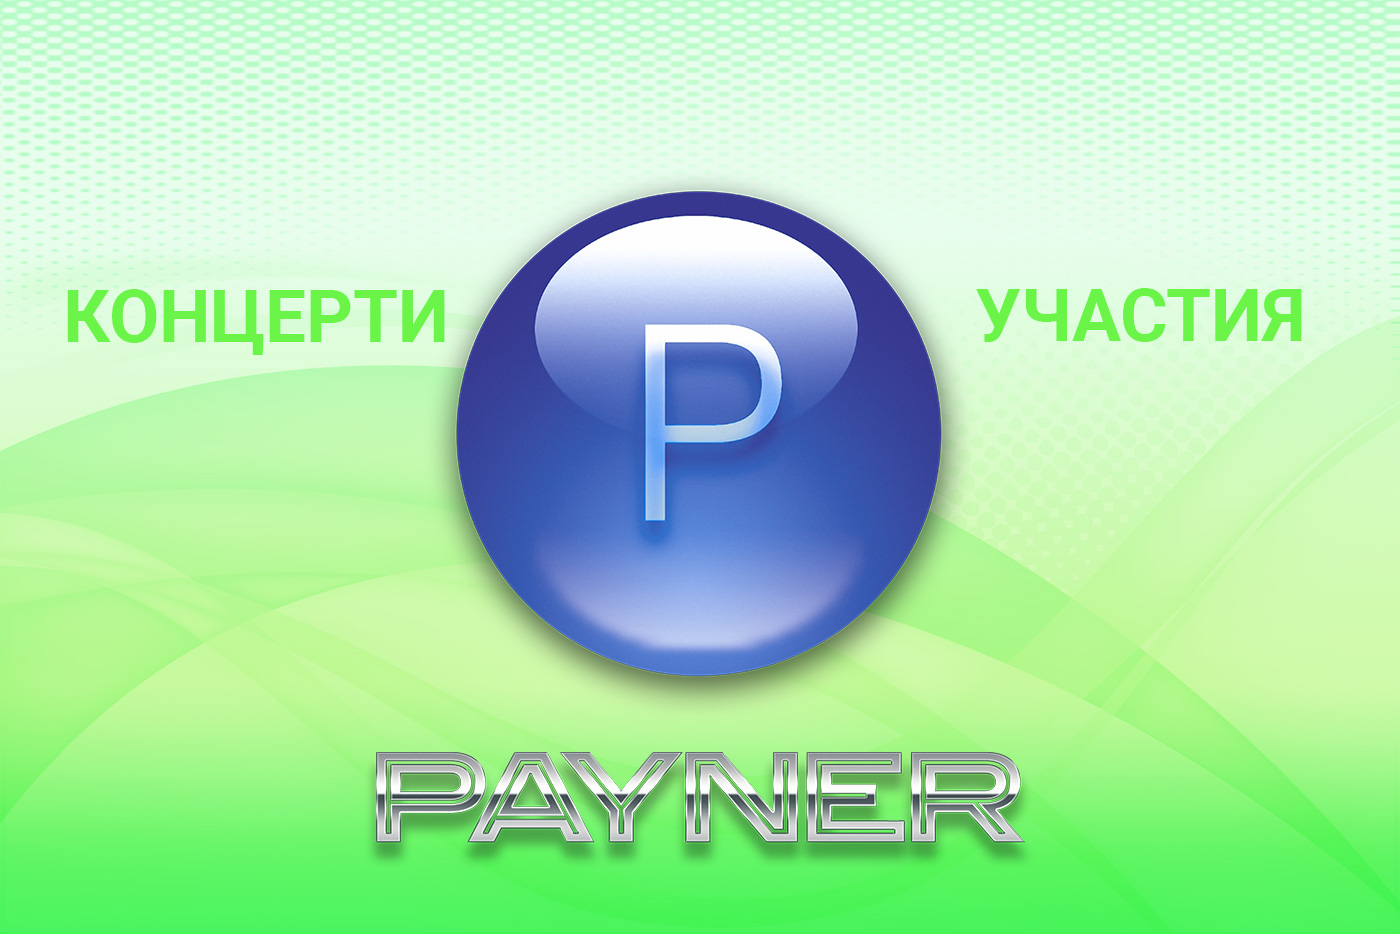 """Участия на звездите на """"Пайнер"""" на 15.11.2018"""